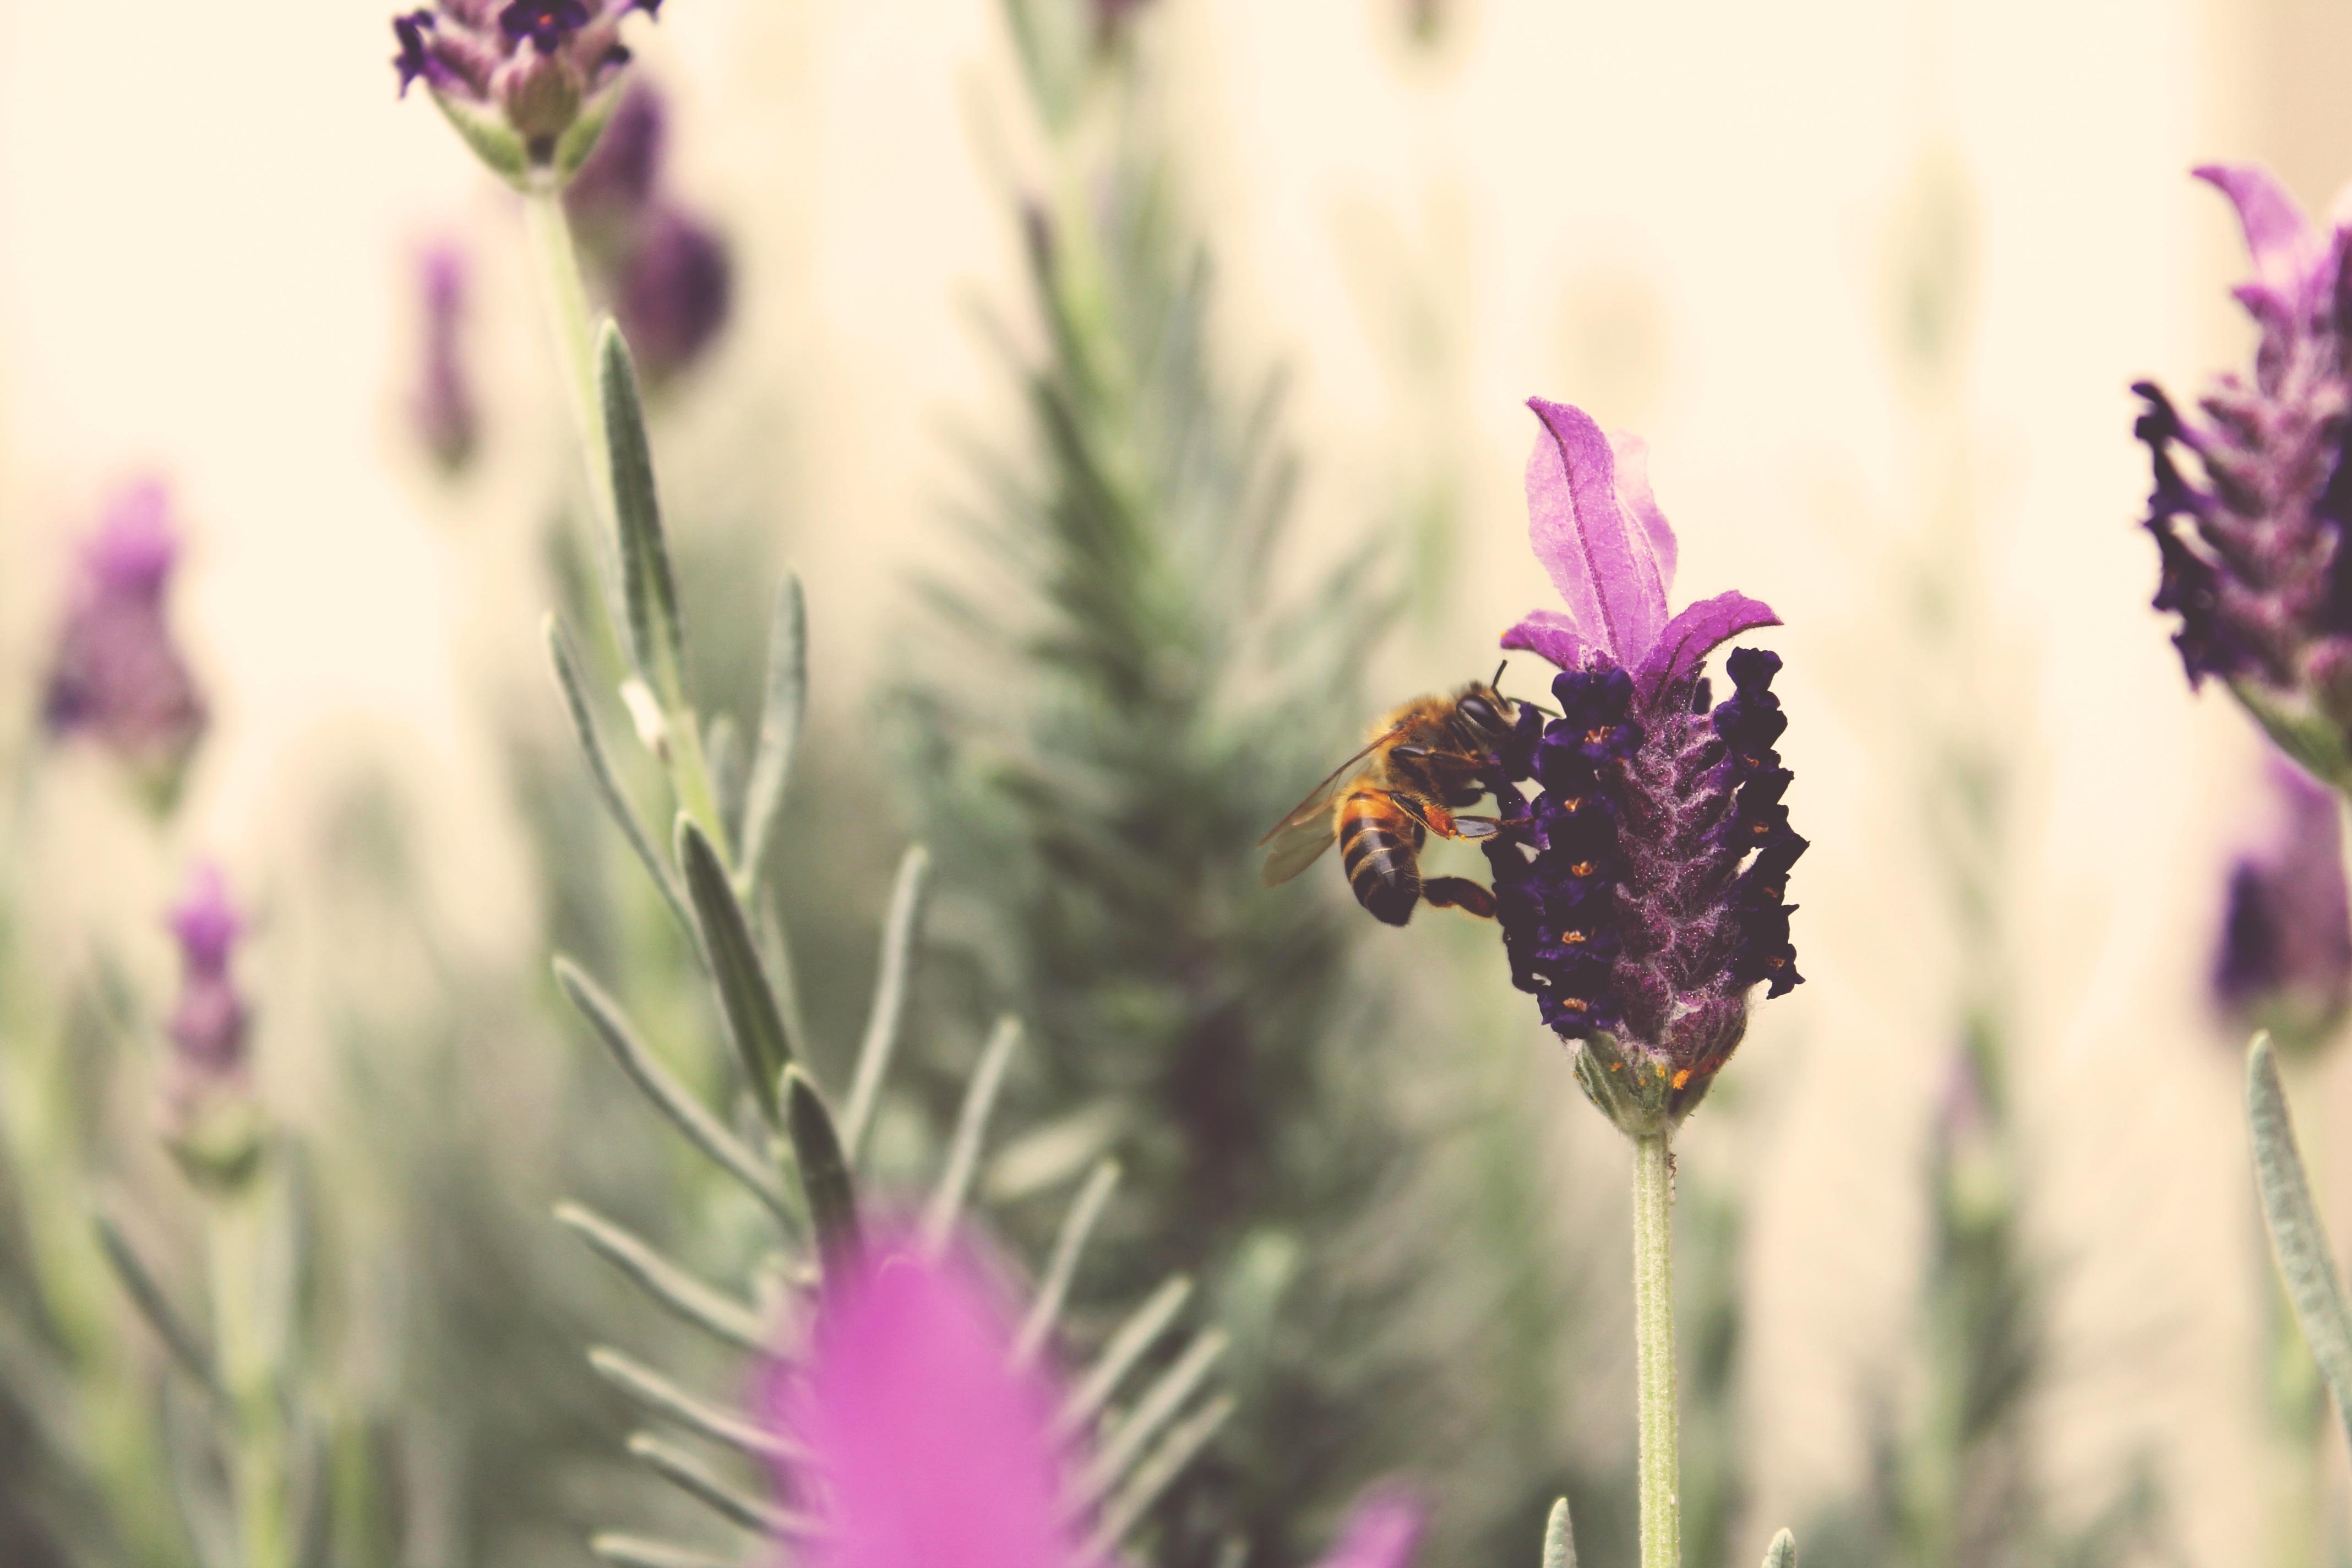 hình ảnh : thực vật, Cánh hoa, Côn trùng, Thực vật học, Hệ ...